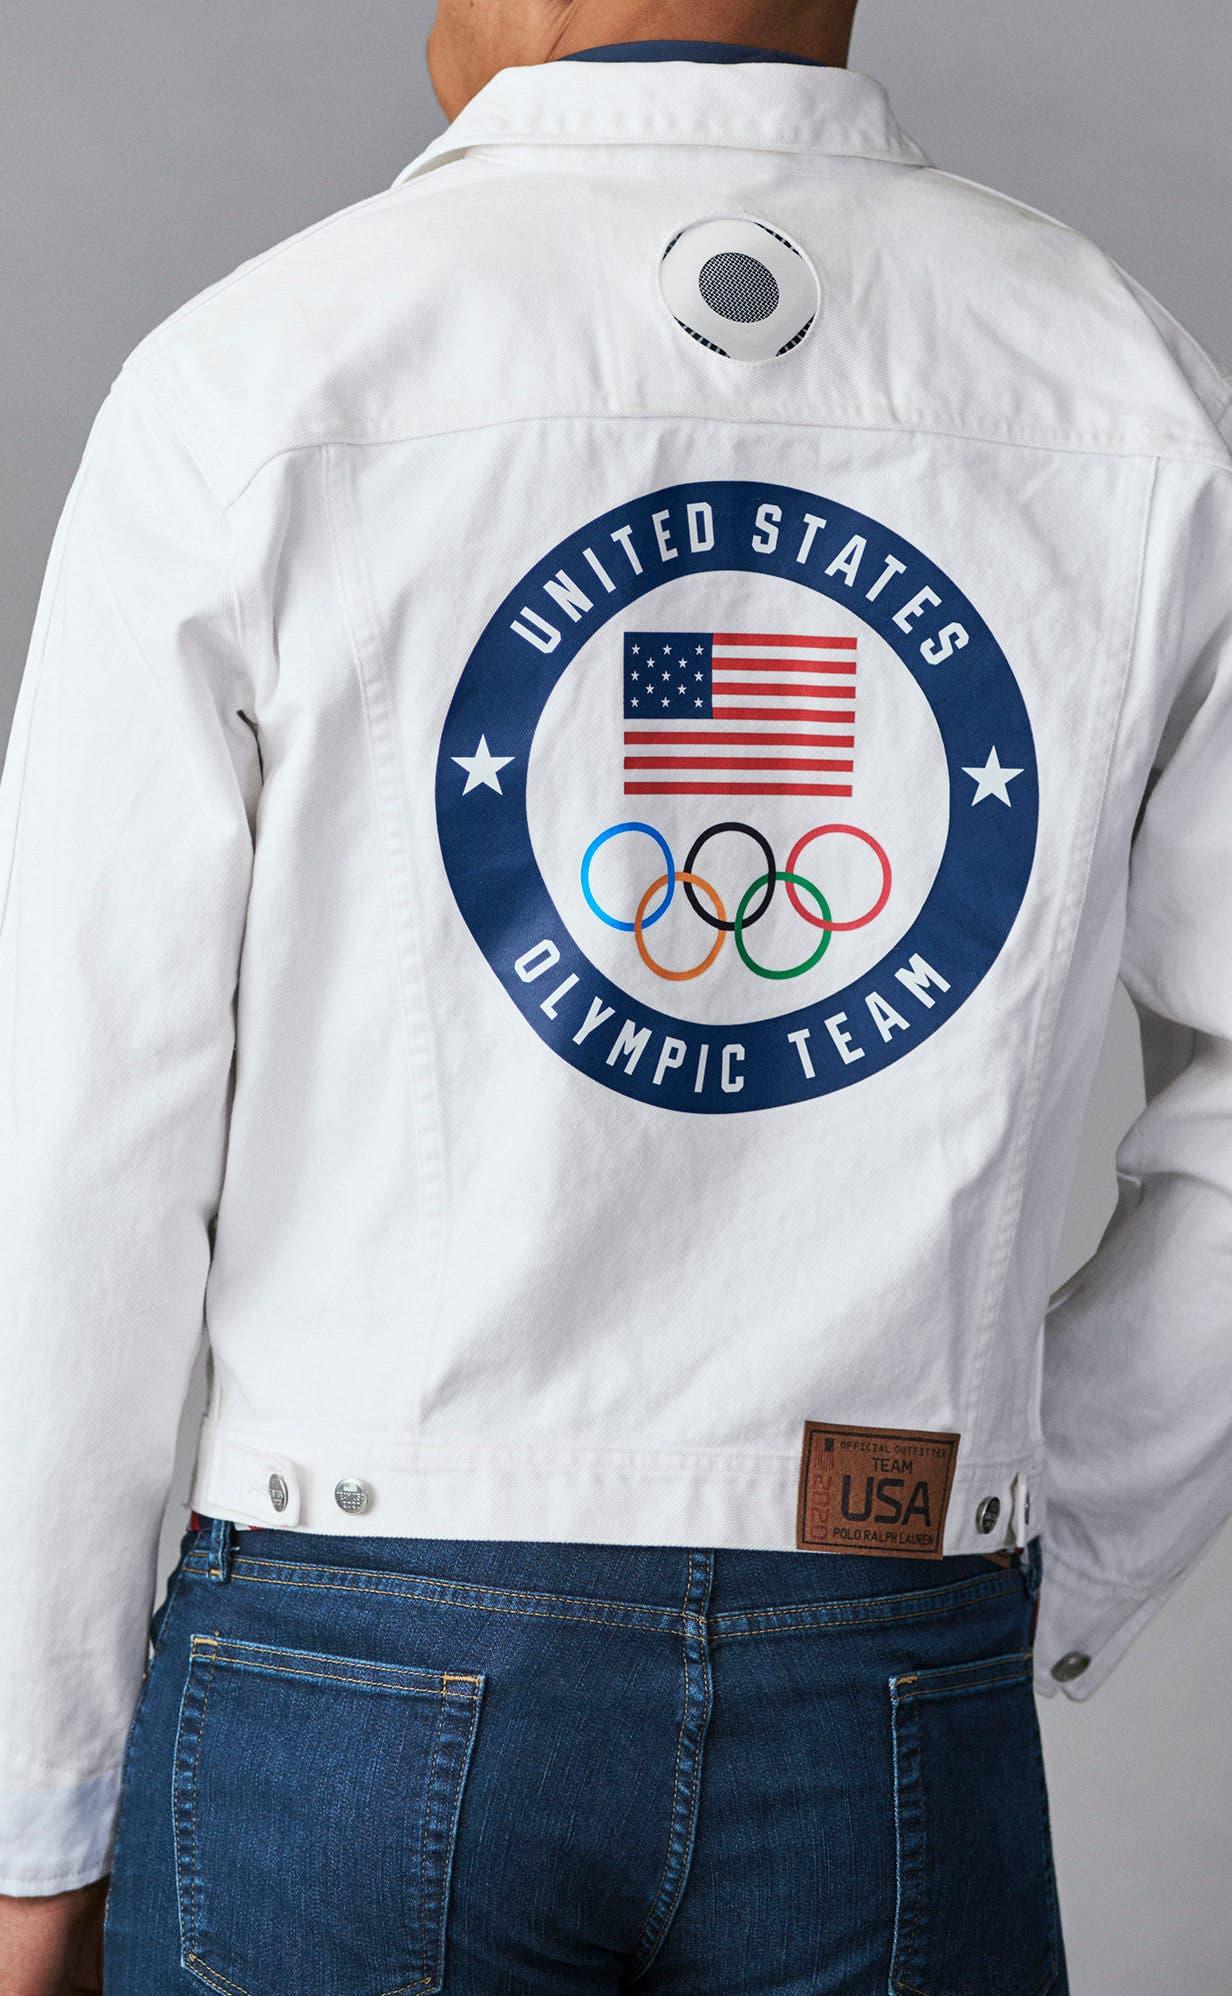 السترة المبردة سيرتديها فقط حامل العلم الأميركي في افتتاح الأولمبياد